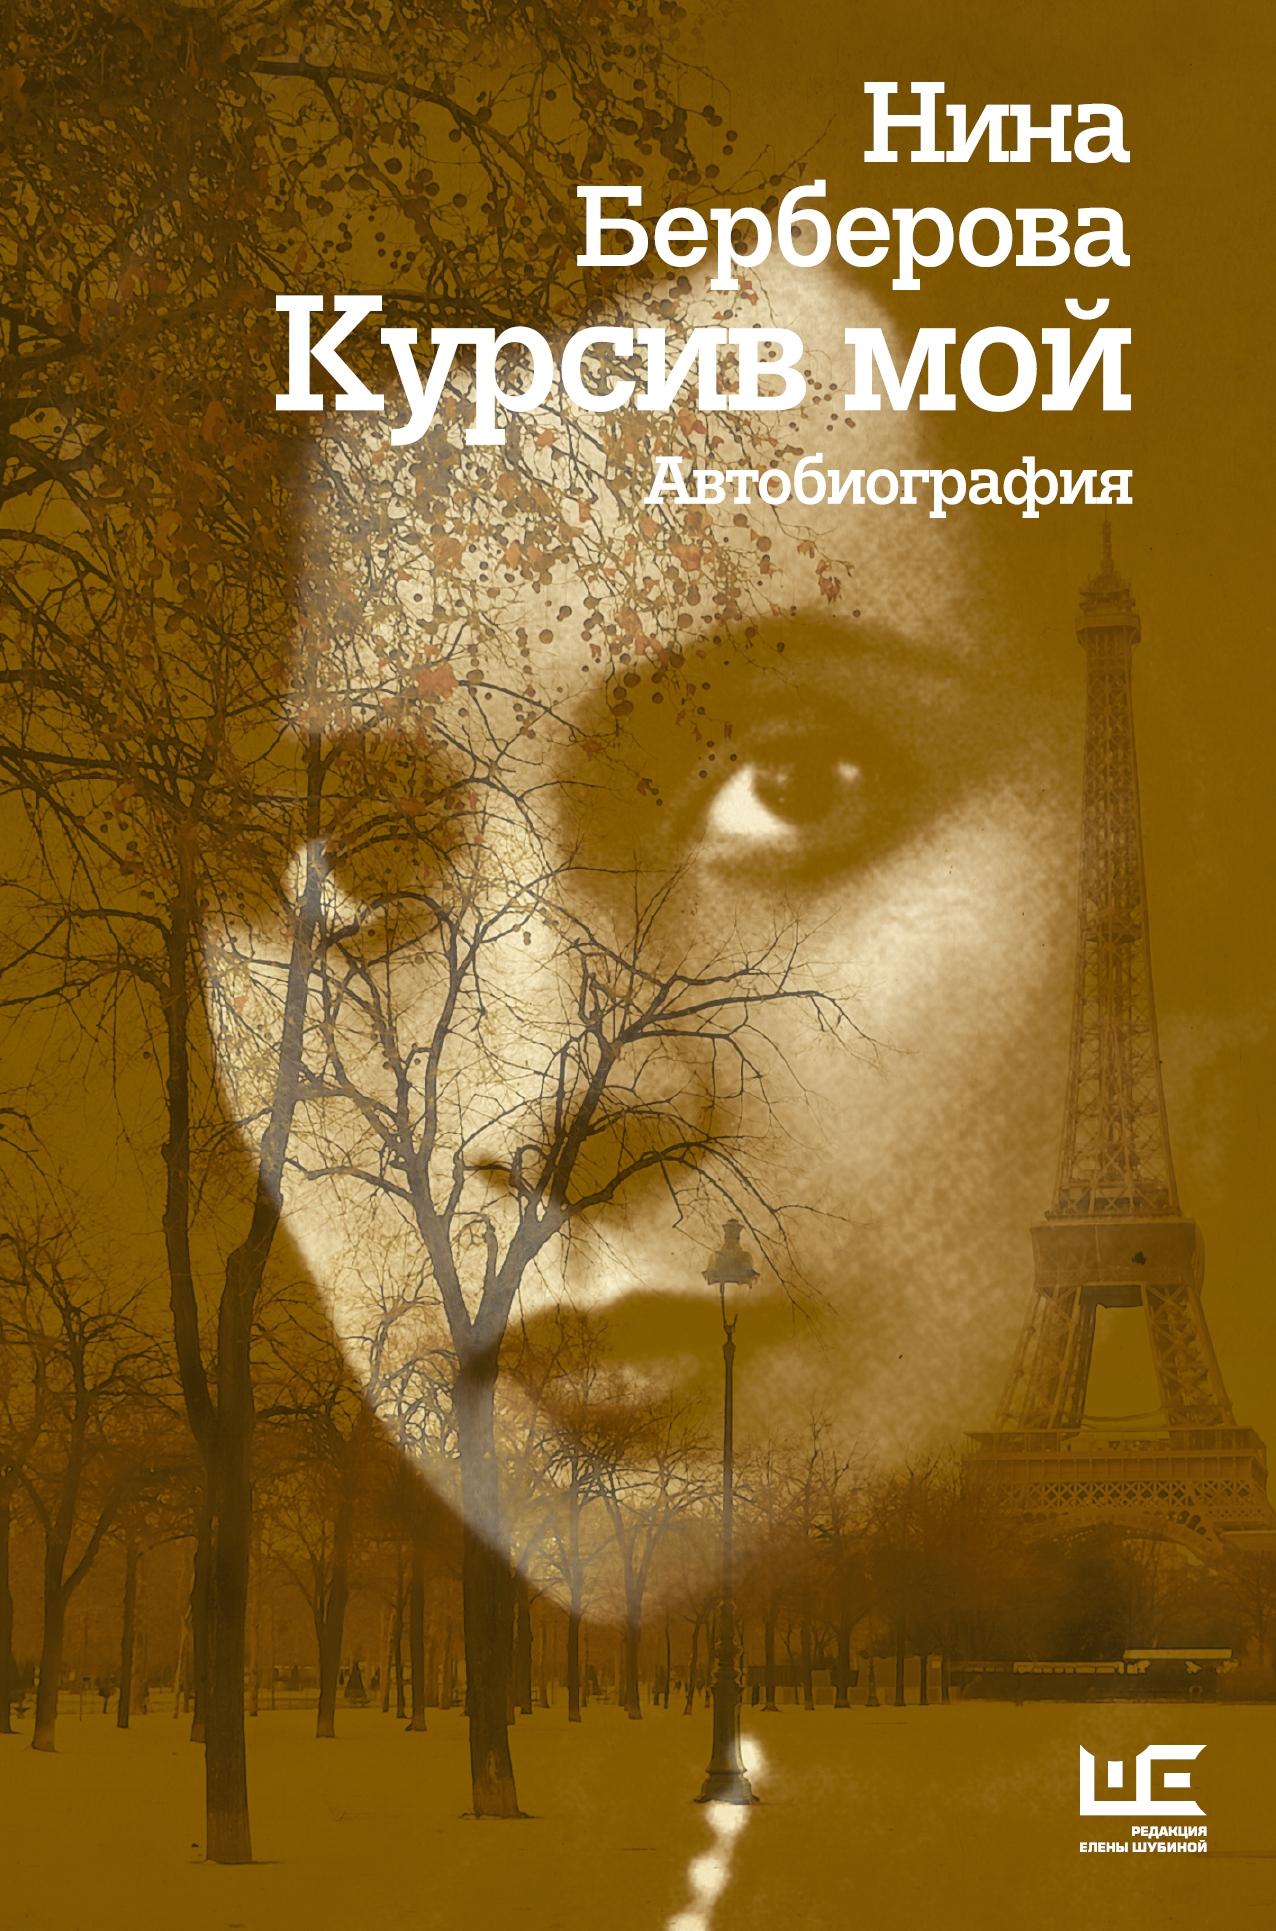 Читать онлайн Жизнь Петра Ильича Чайковского. Том 3